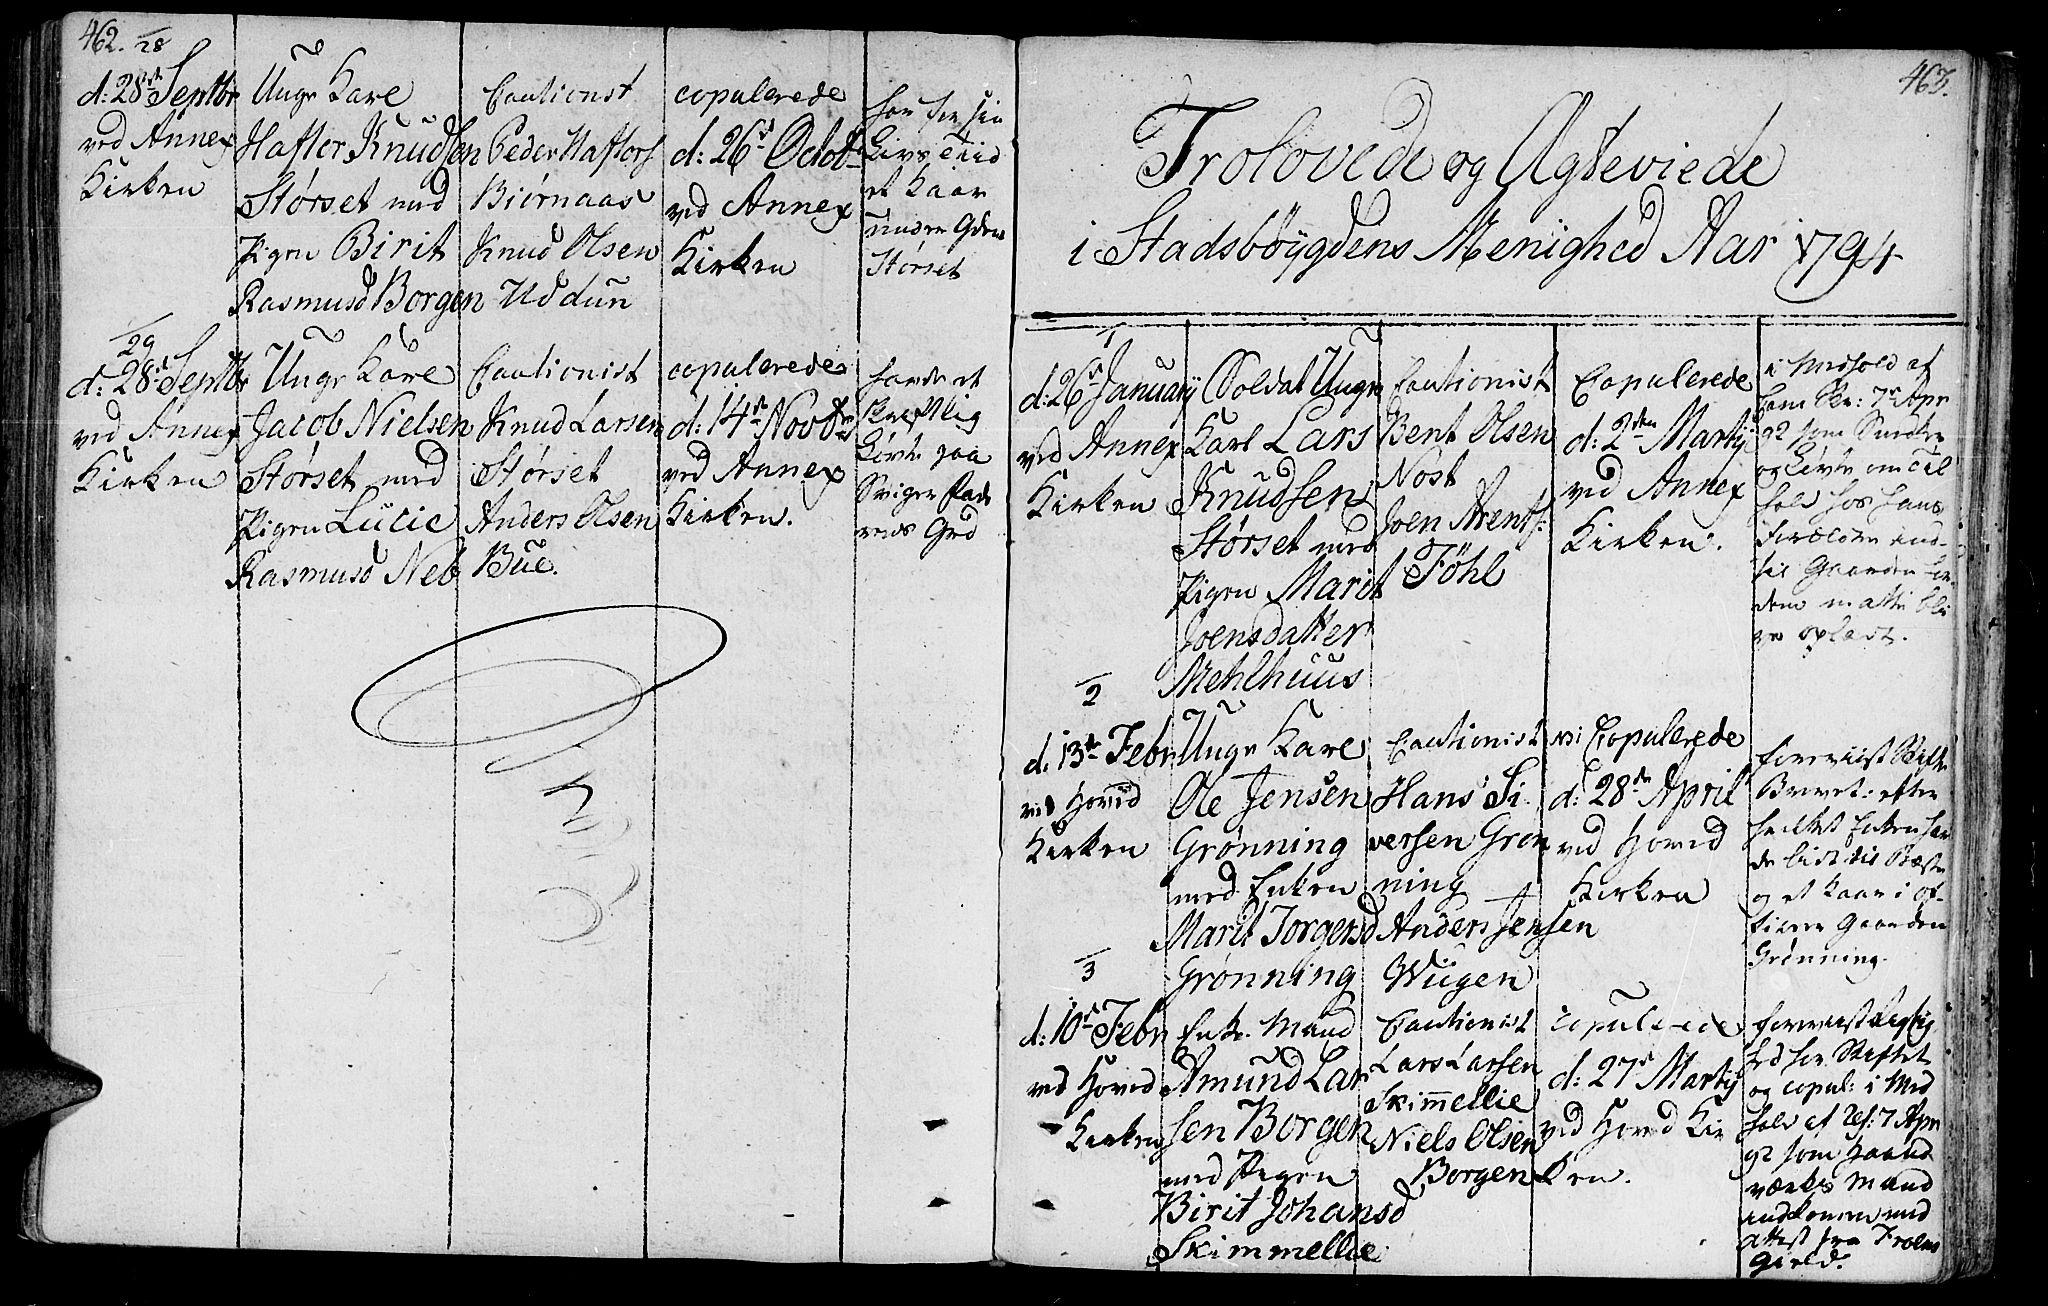 SAT, Ministerialprotokoller, klokkerbøker og fødselsregistre - Sør-Trøndelag, 646/L0606: Ministerialbok nr. 646A04, 1791-1805, s. 462-463